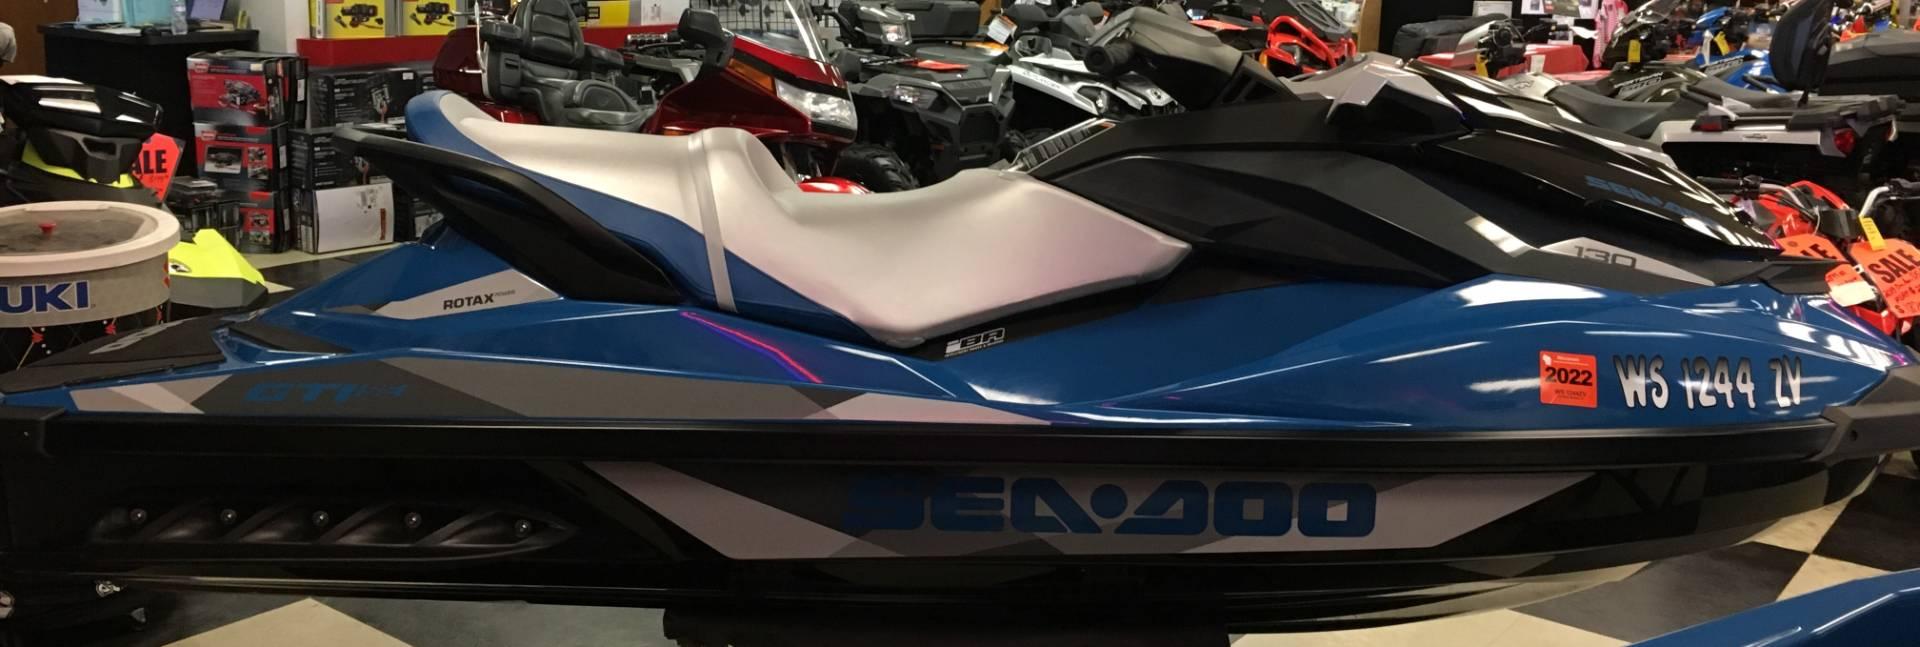 2018 Sea-Doo GTI SE 130 2